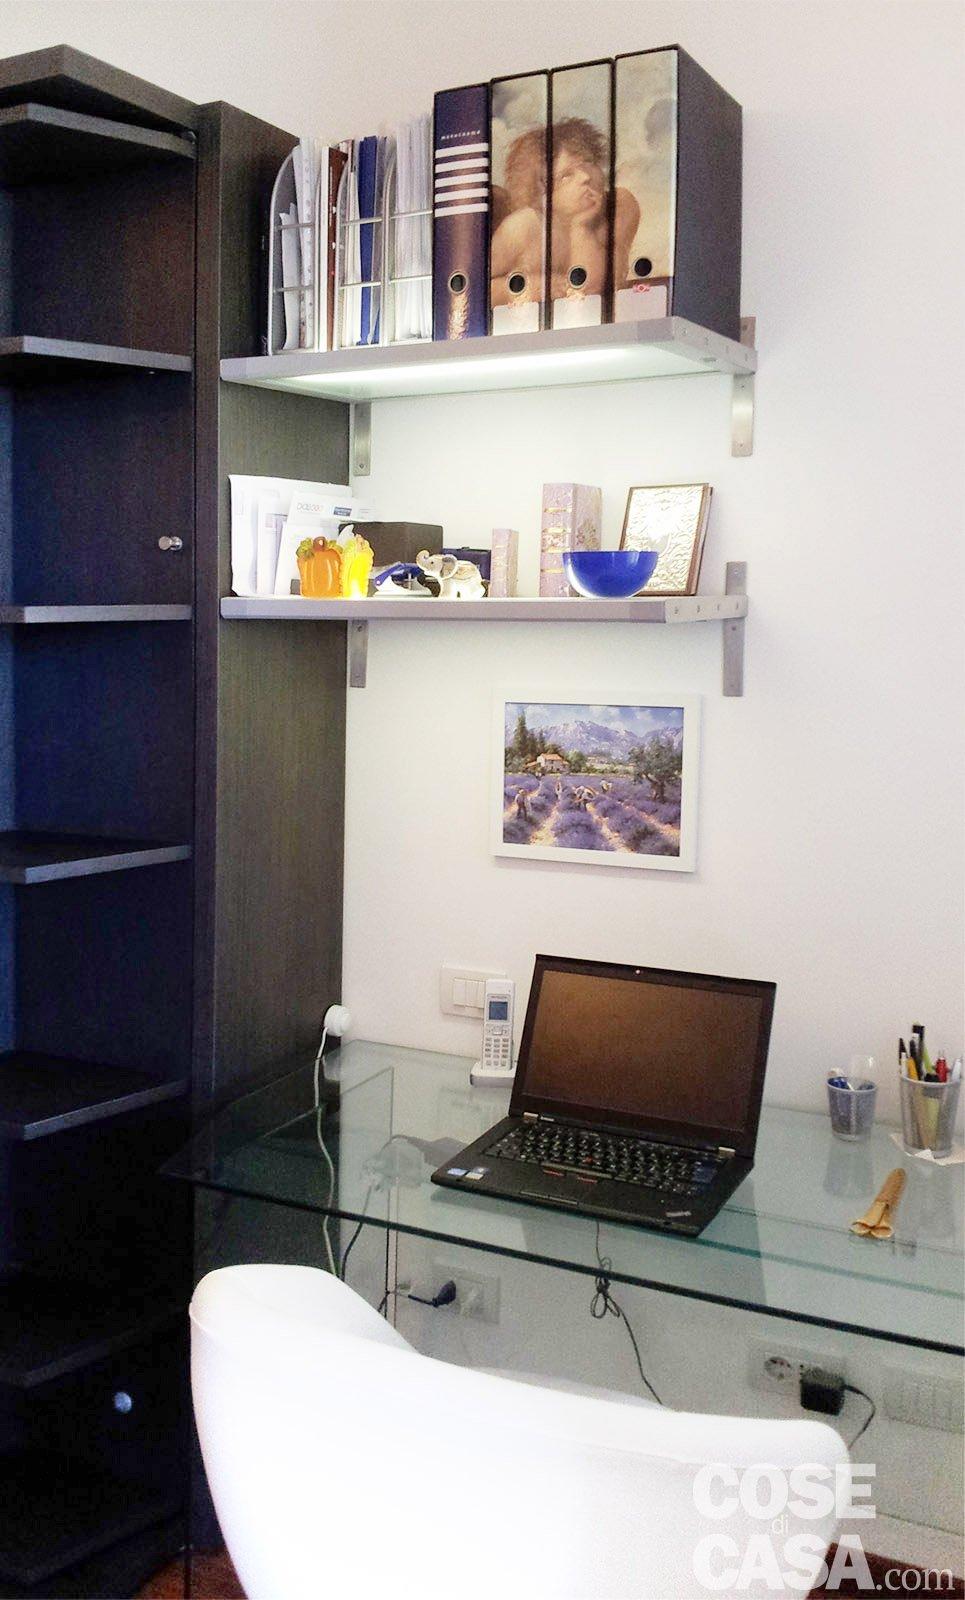 Great arredo ufficio ikea stanza ufficio ikea arredamento - Idee arredo ufficio ...